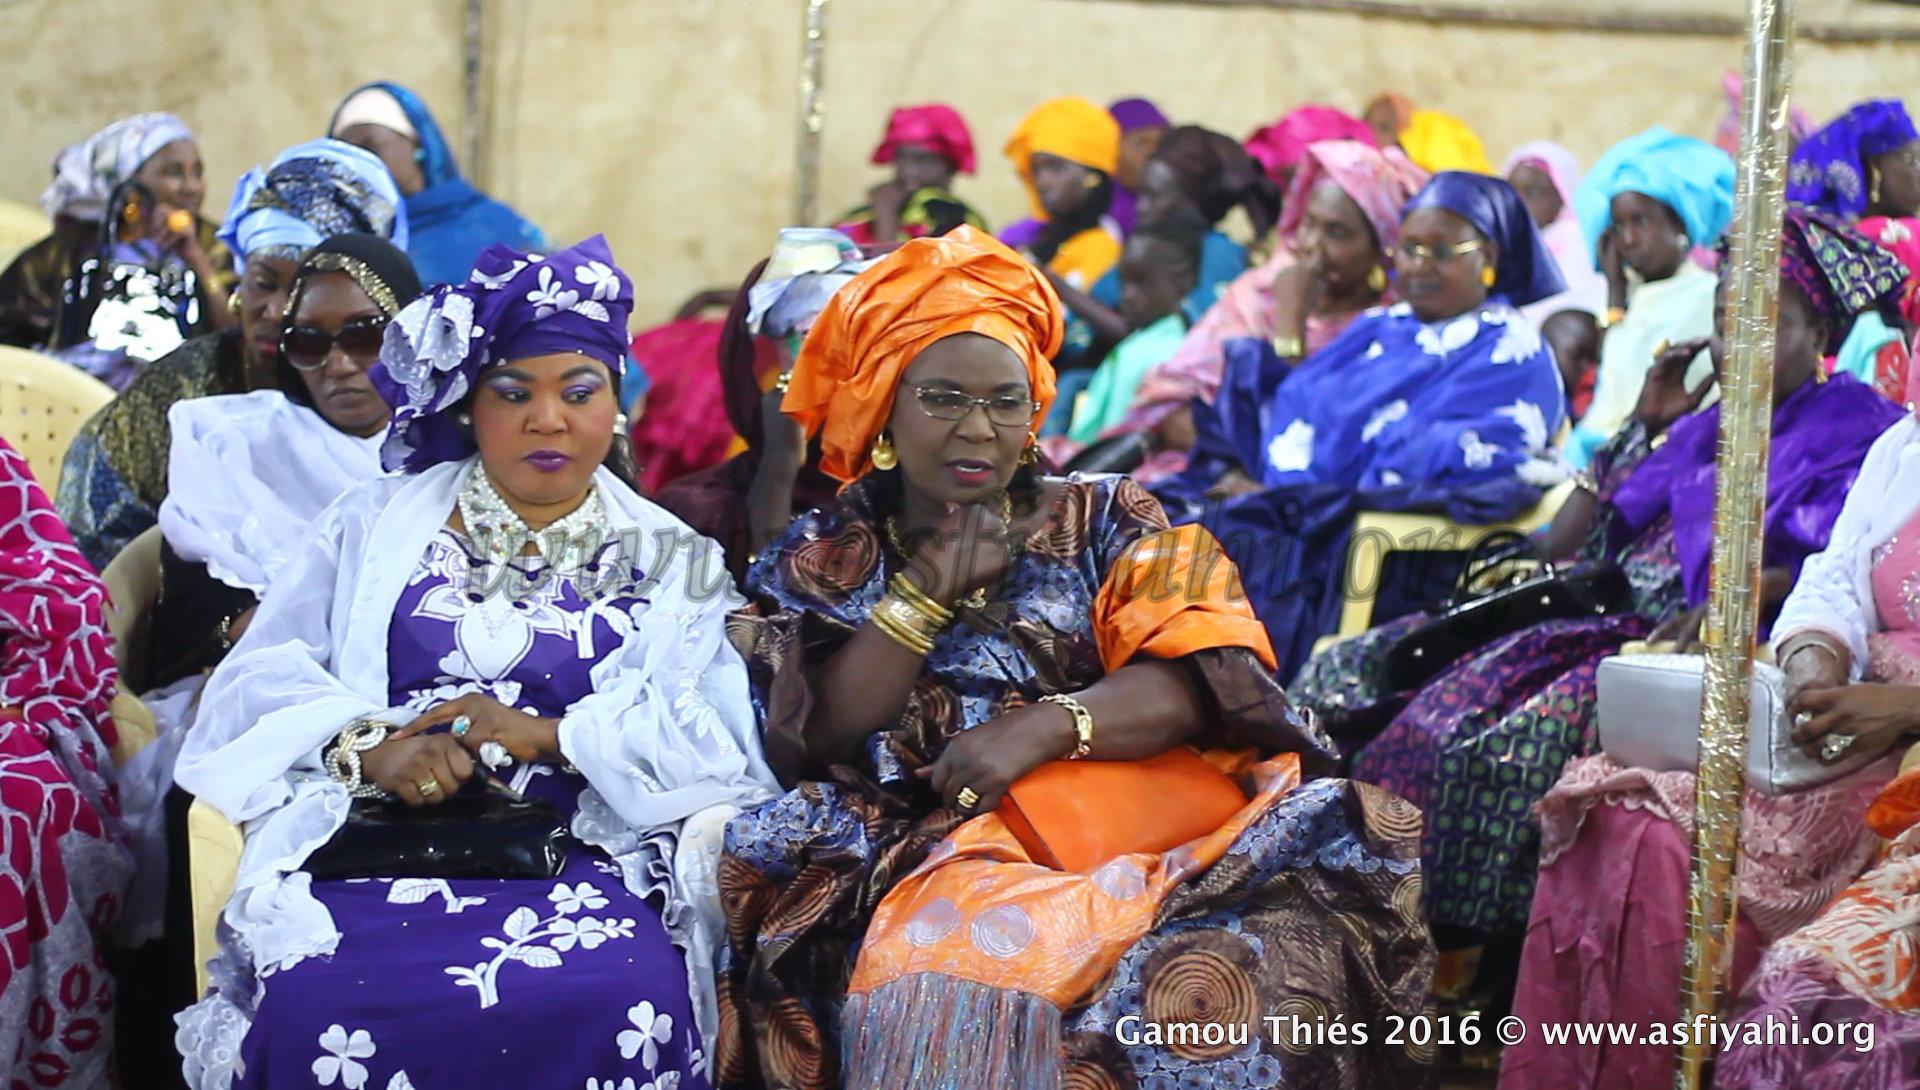 PHOTOS - 14 MAI 2016 À THIÉS - Les Images du Gamou de la Hadara de Mame El hadj Rawane Ngom (rta)